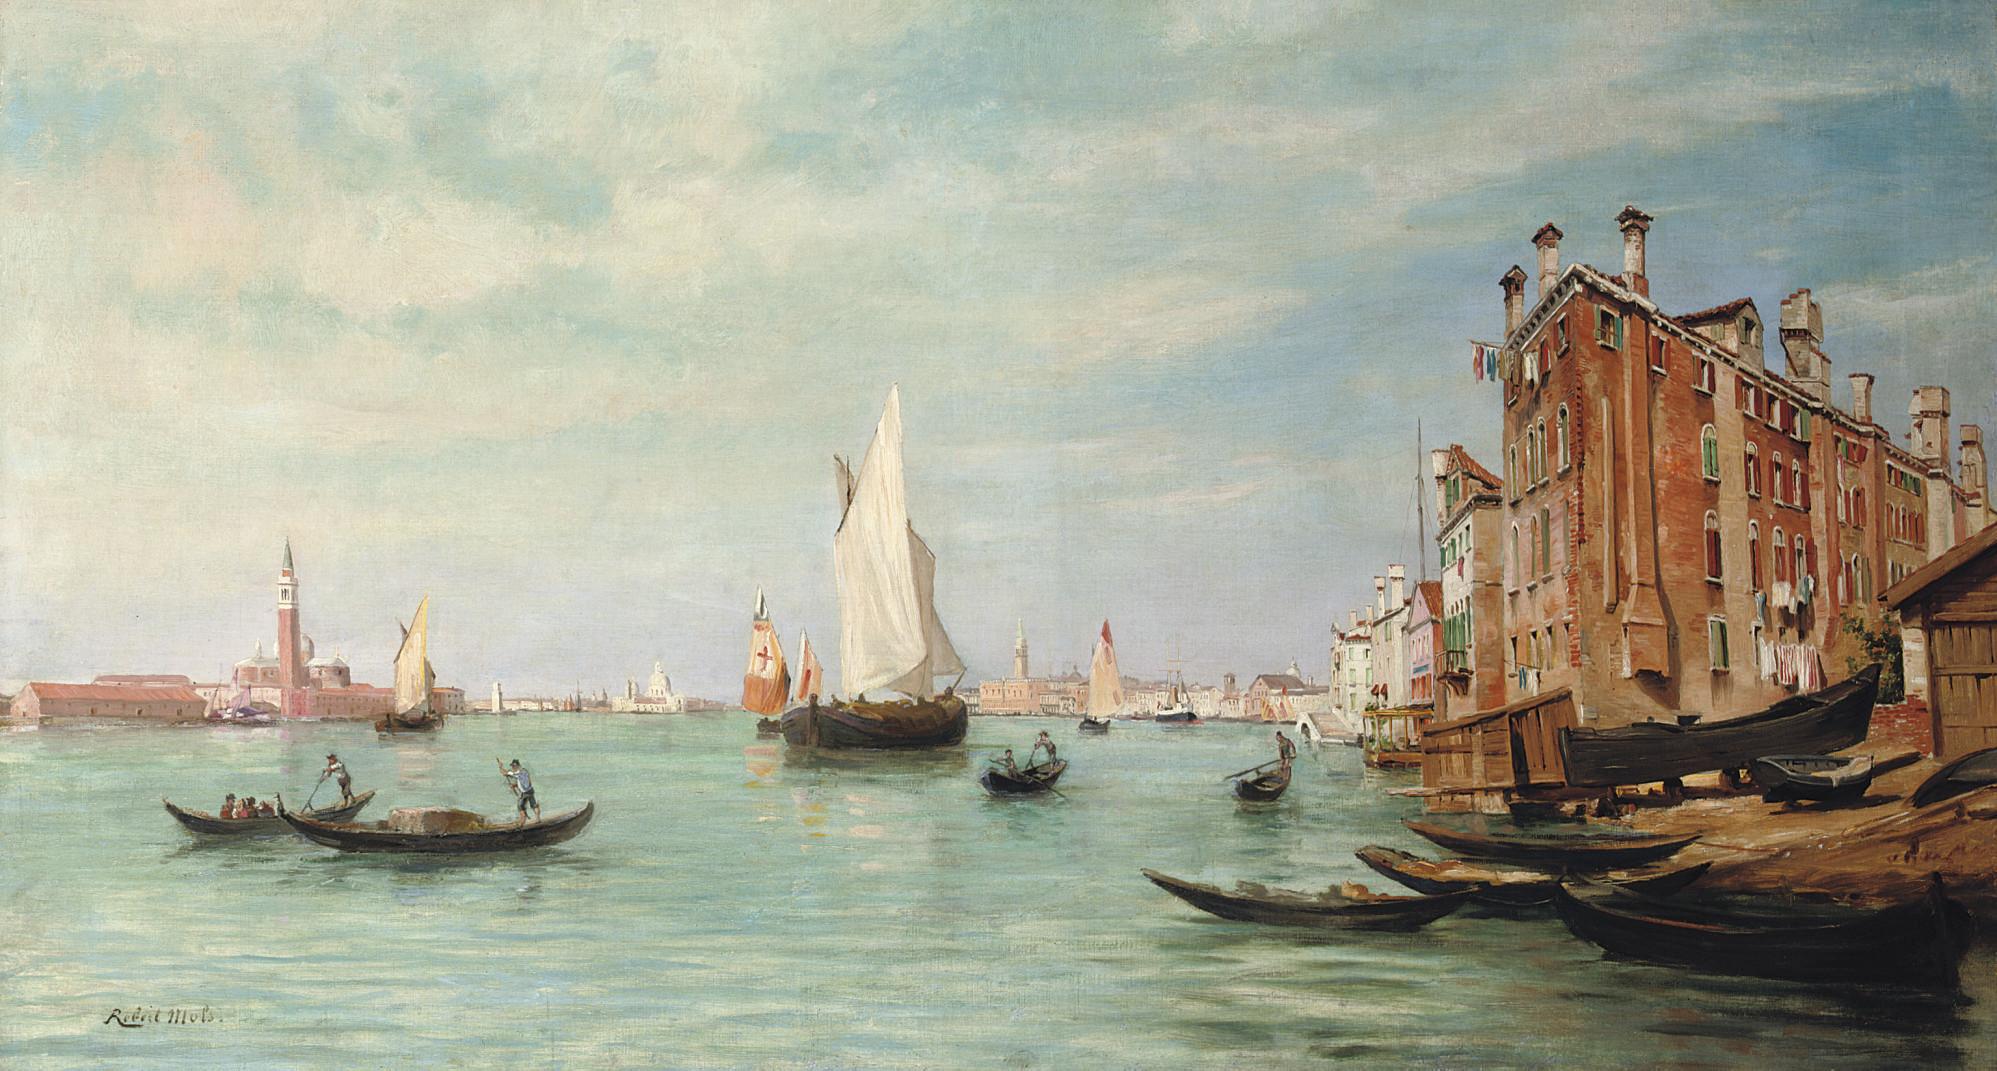 Canale Della Giudecca, Palazzo Ducale and Santa Maria de la Salute, Venice